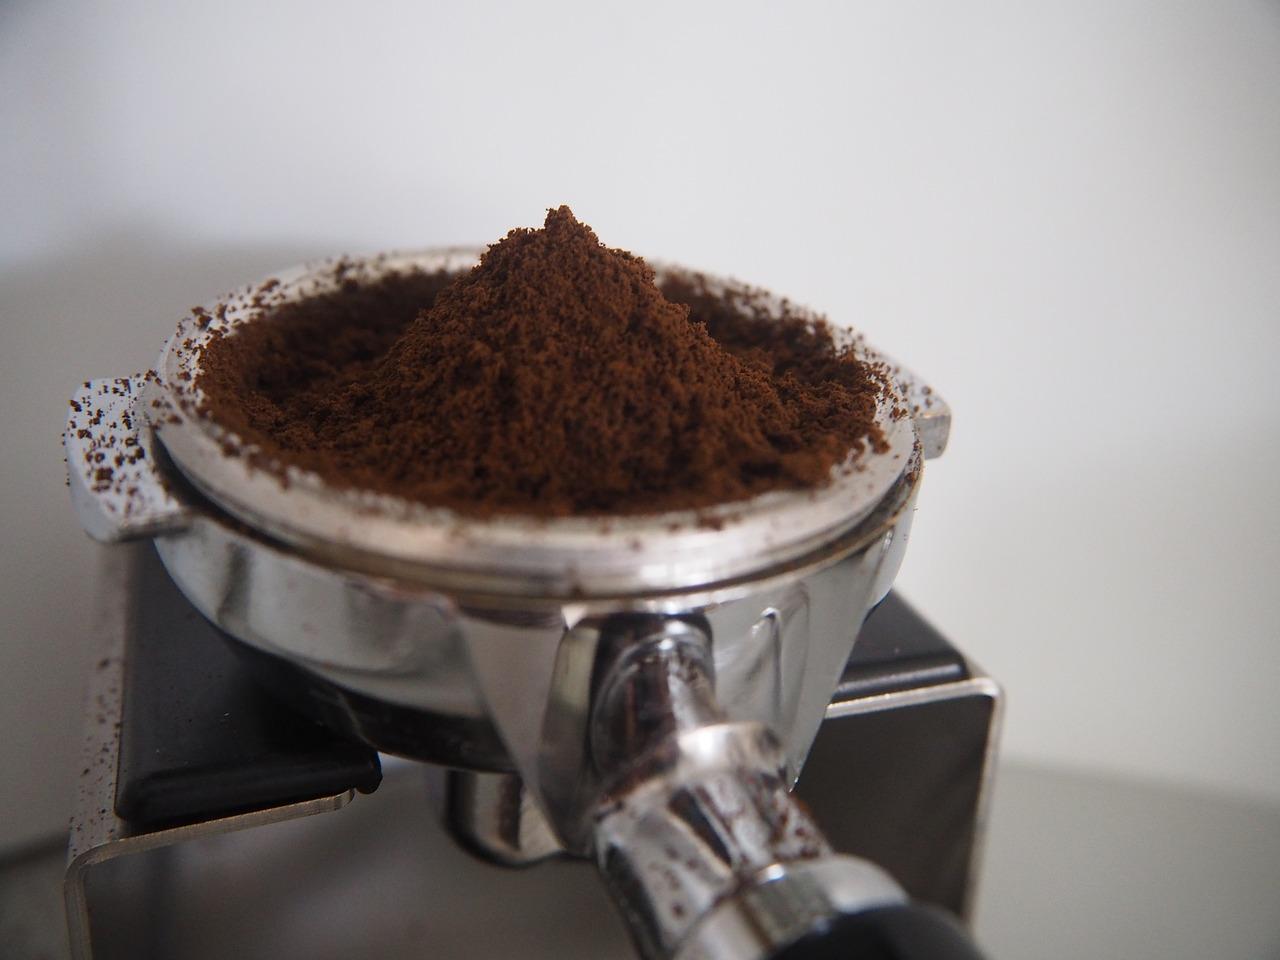 Para qué sirve la exfoliación de café en la piel